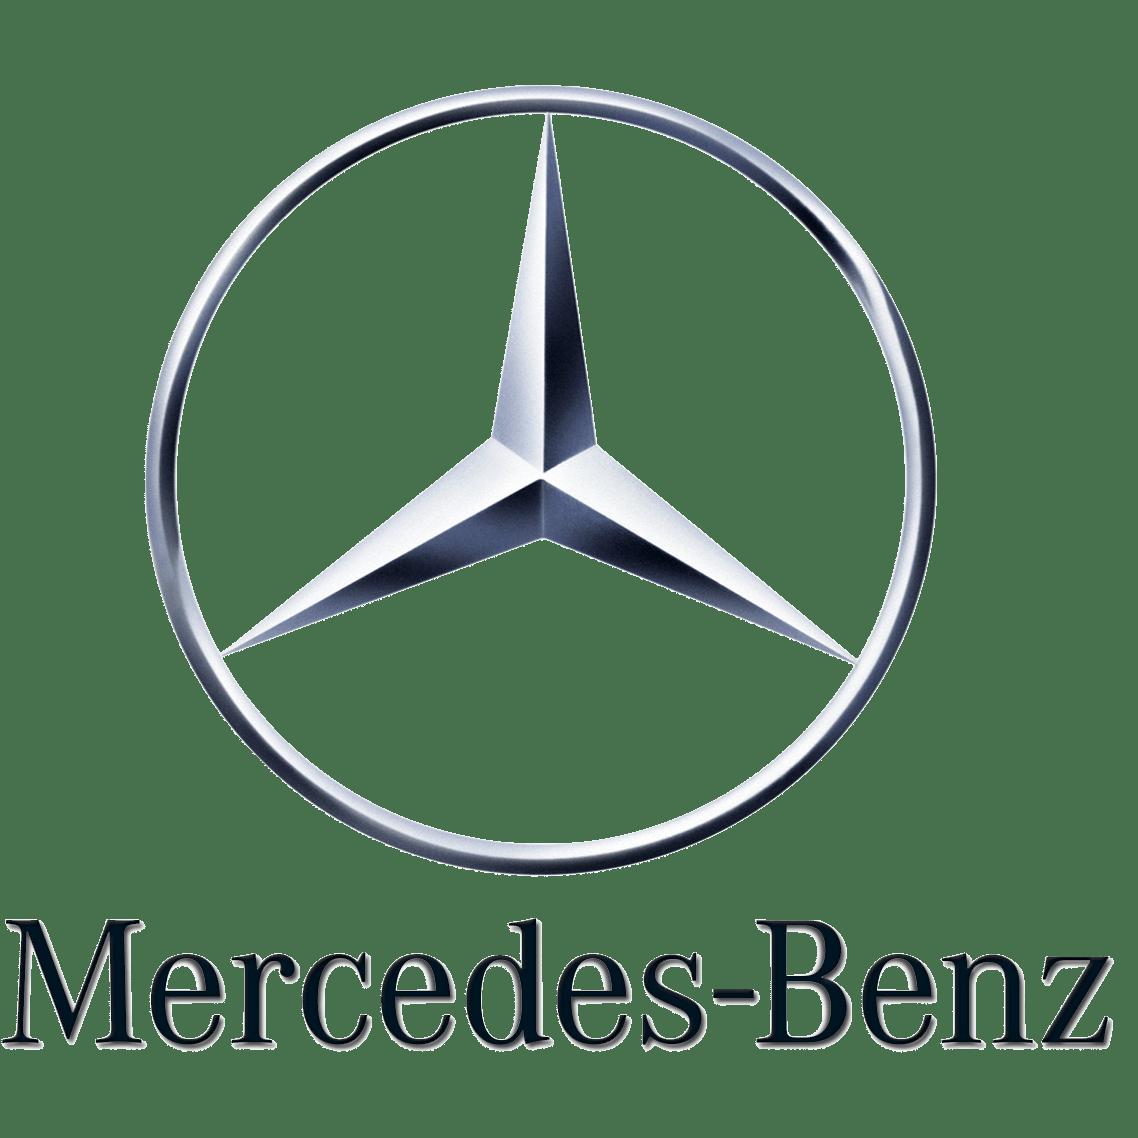 mercedes-logo-world-car-mercedes-benz-class-cdi-1.png